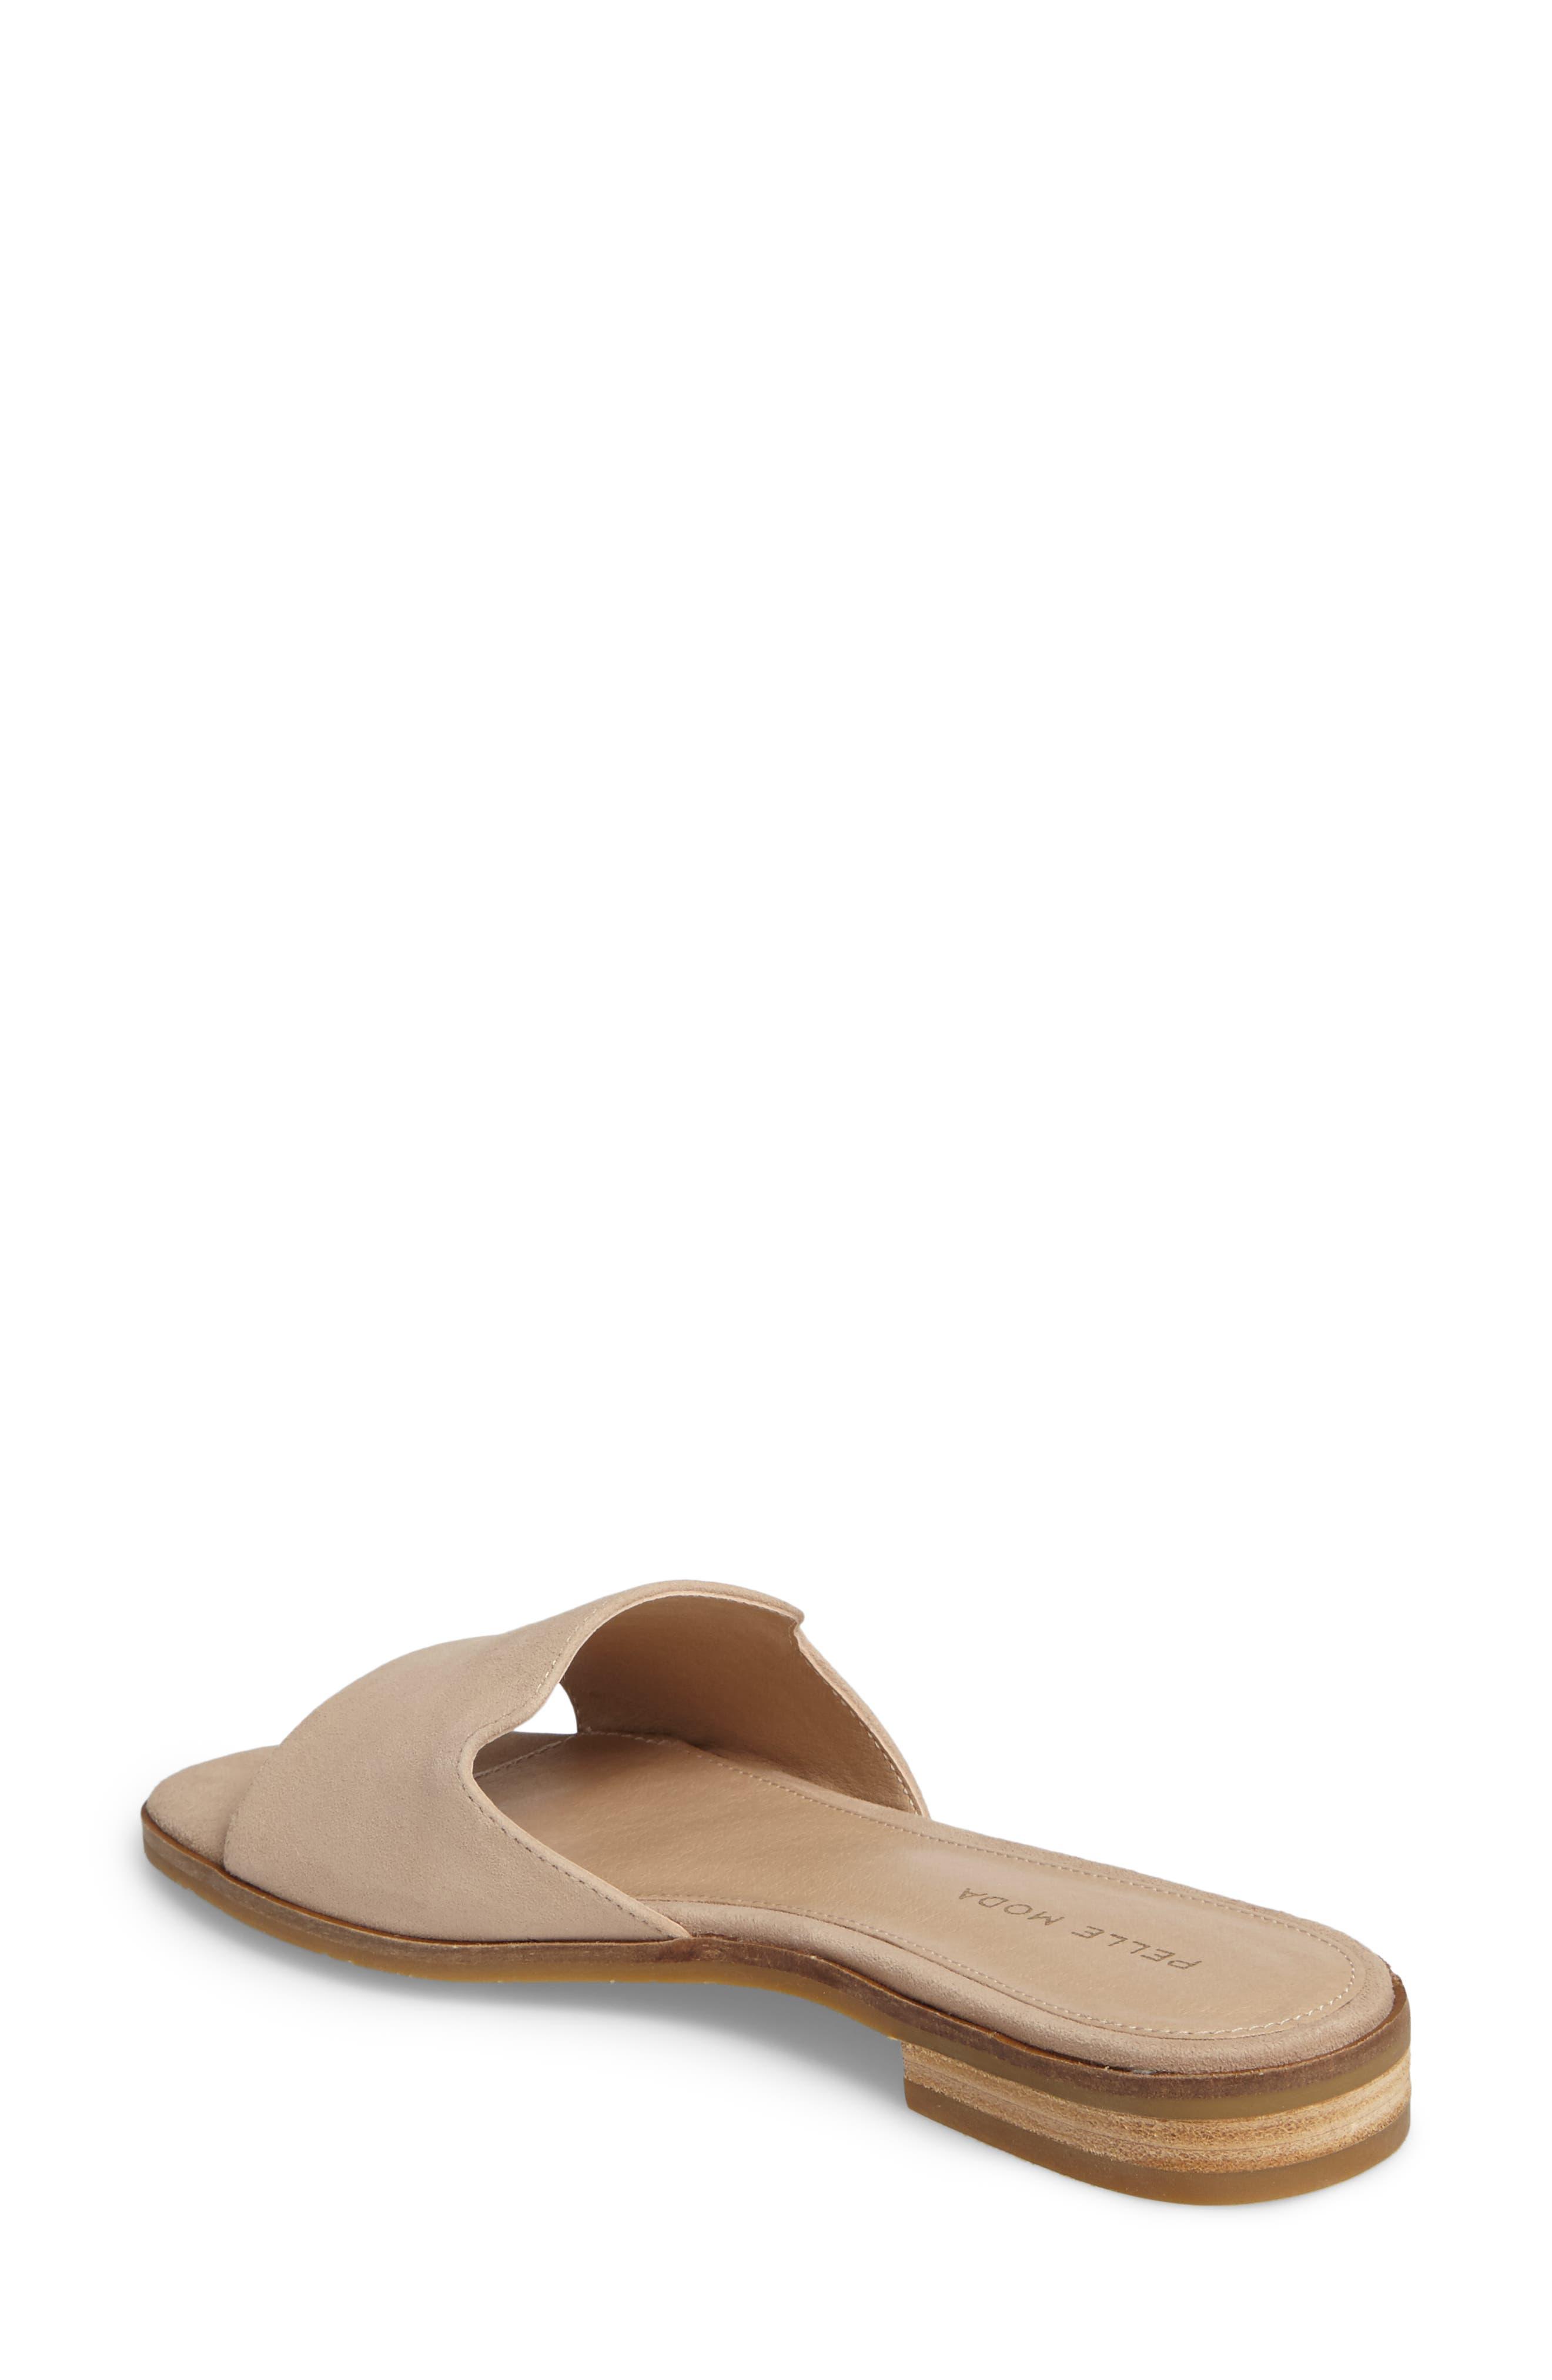 Hailey Slide Sandal,                             Alternate thumbnail 2, color,                             Sand Leather